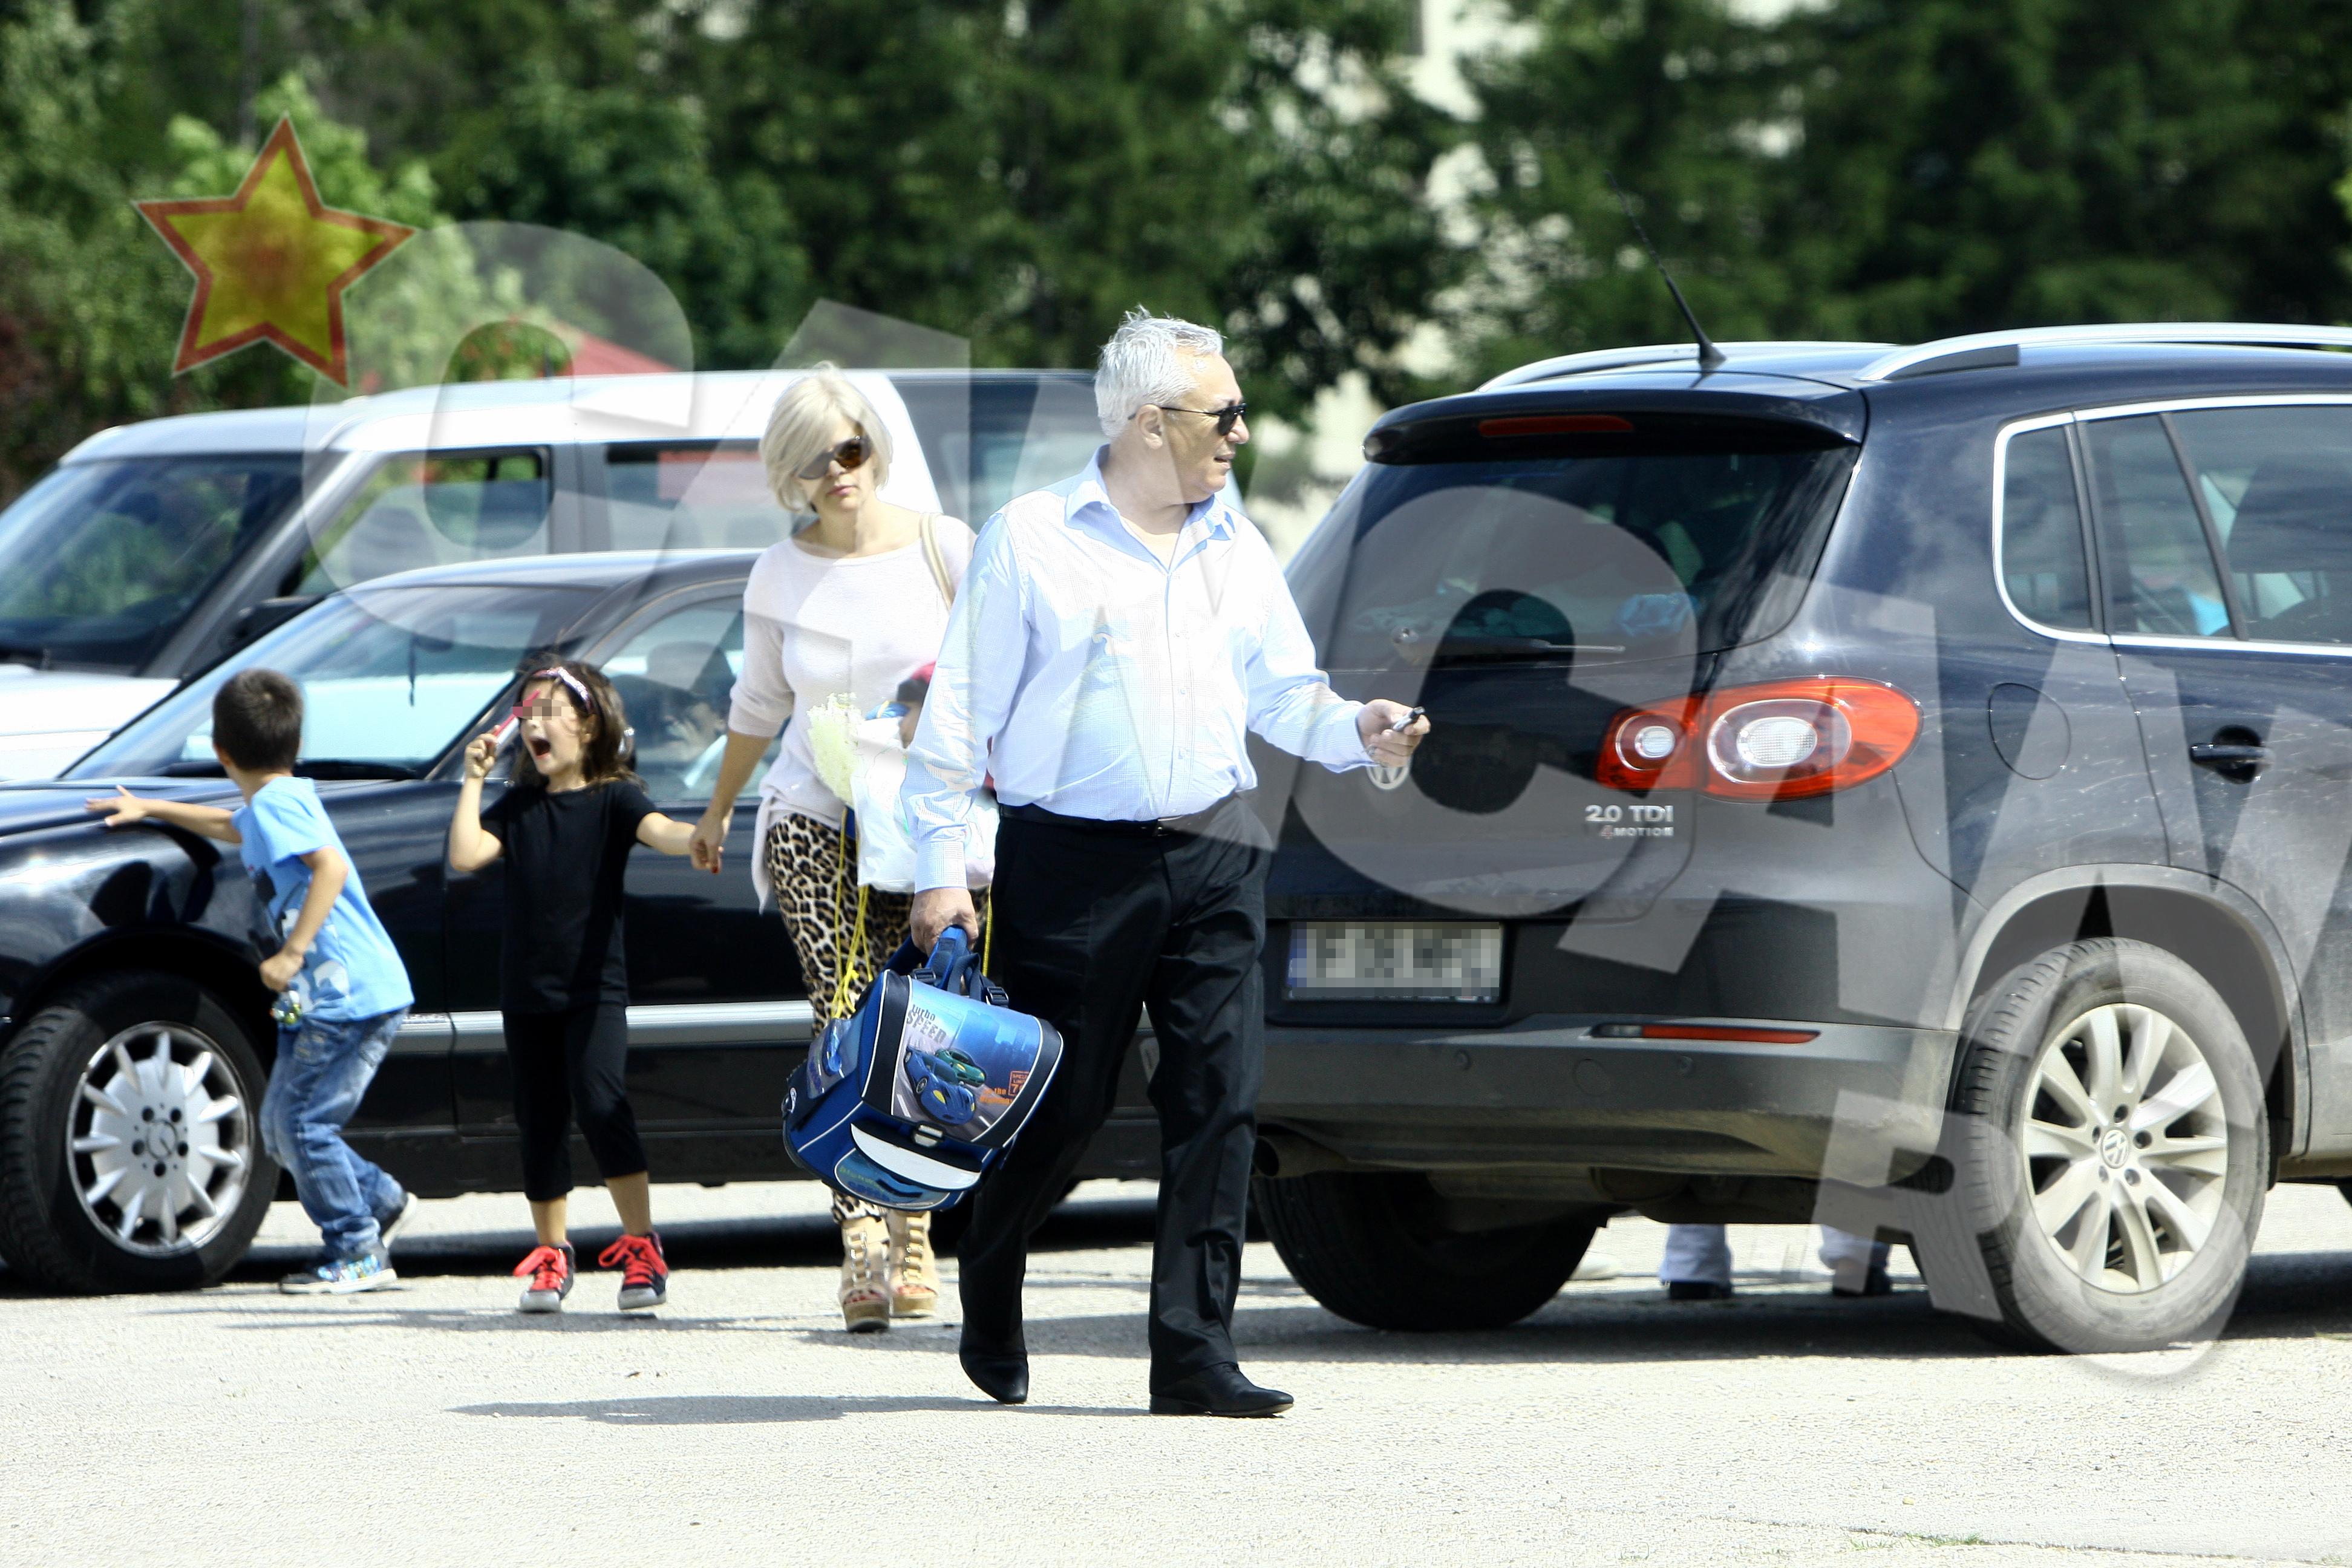 Stefan s-a oferit sa care toate bagajele, ca un domn